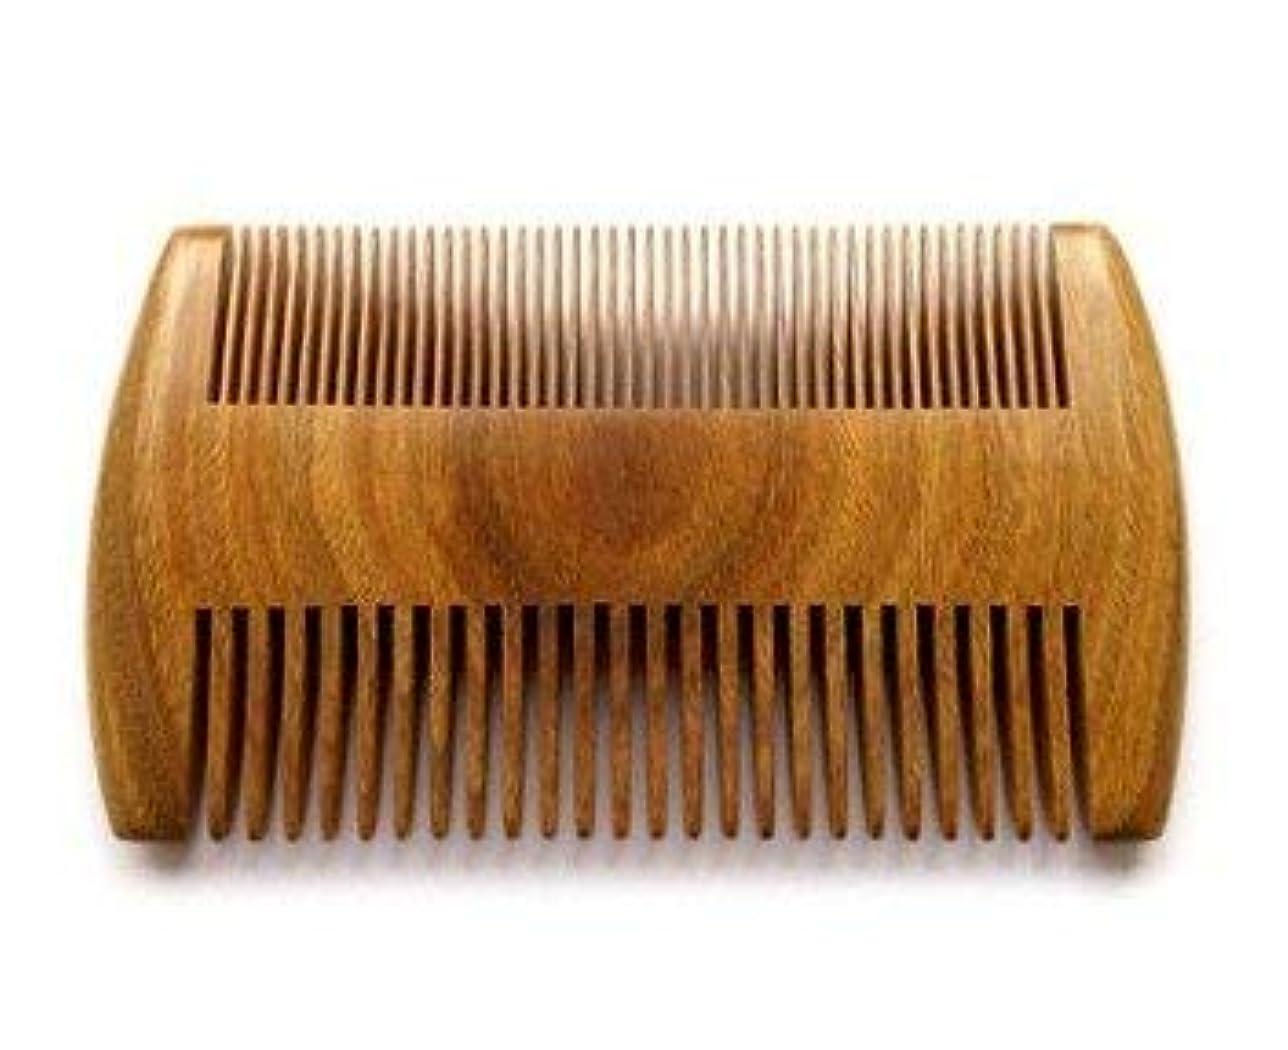 神聖繰り返したメインMyhsmooth GS-SM-NF Handmade Natural Green Sandalwood No Static Comb Pocket Comb Perfect Beard Comb with Aromatic...